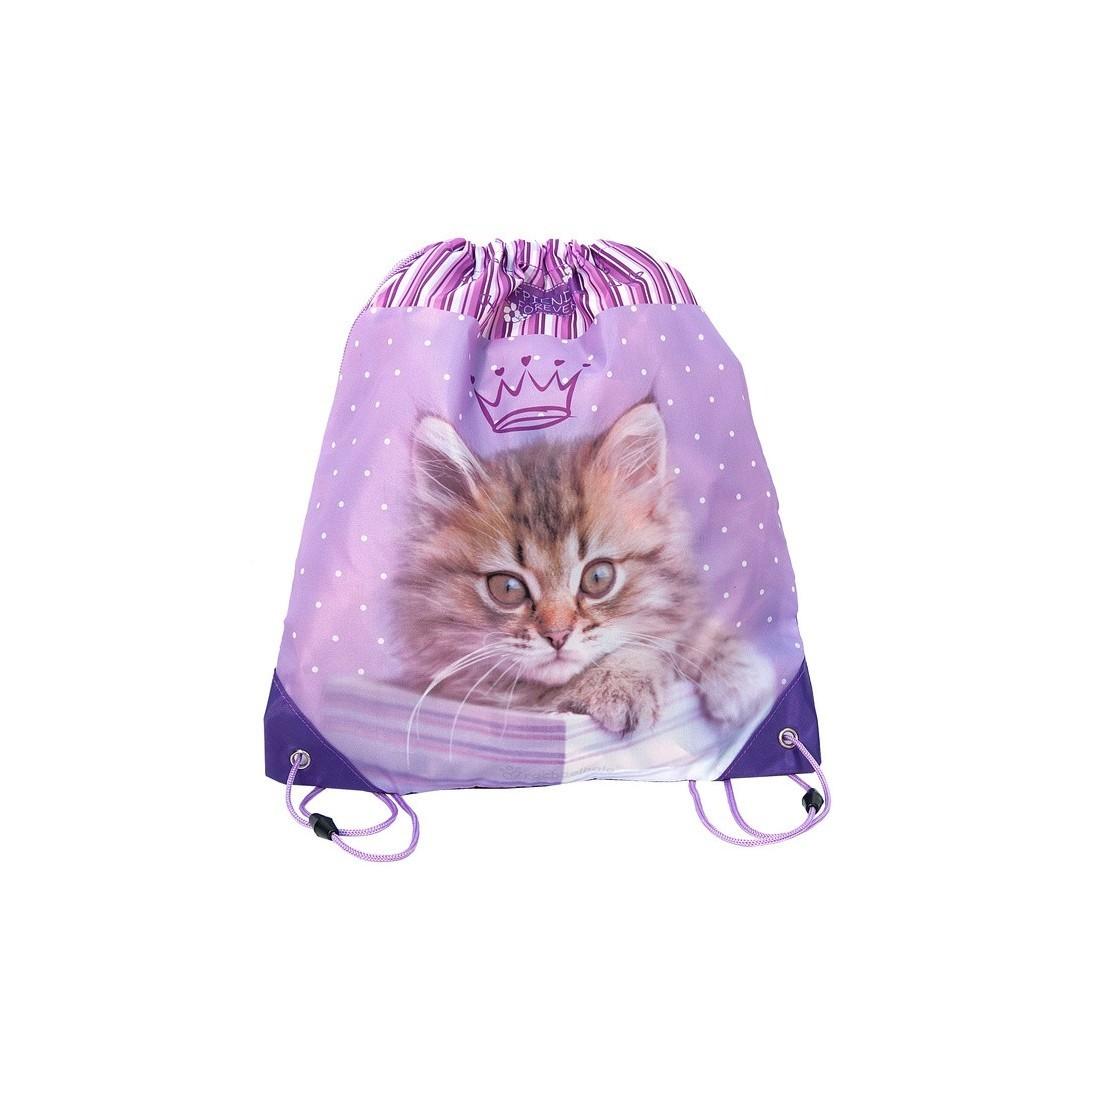 Worek Szkolny Rachael Hale z kotem różowy - plecak-tornister.pl